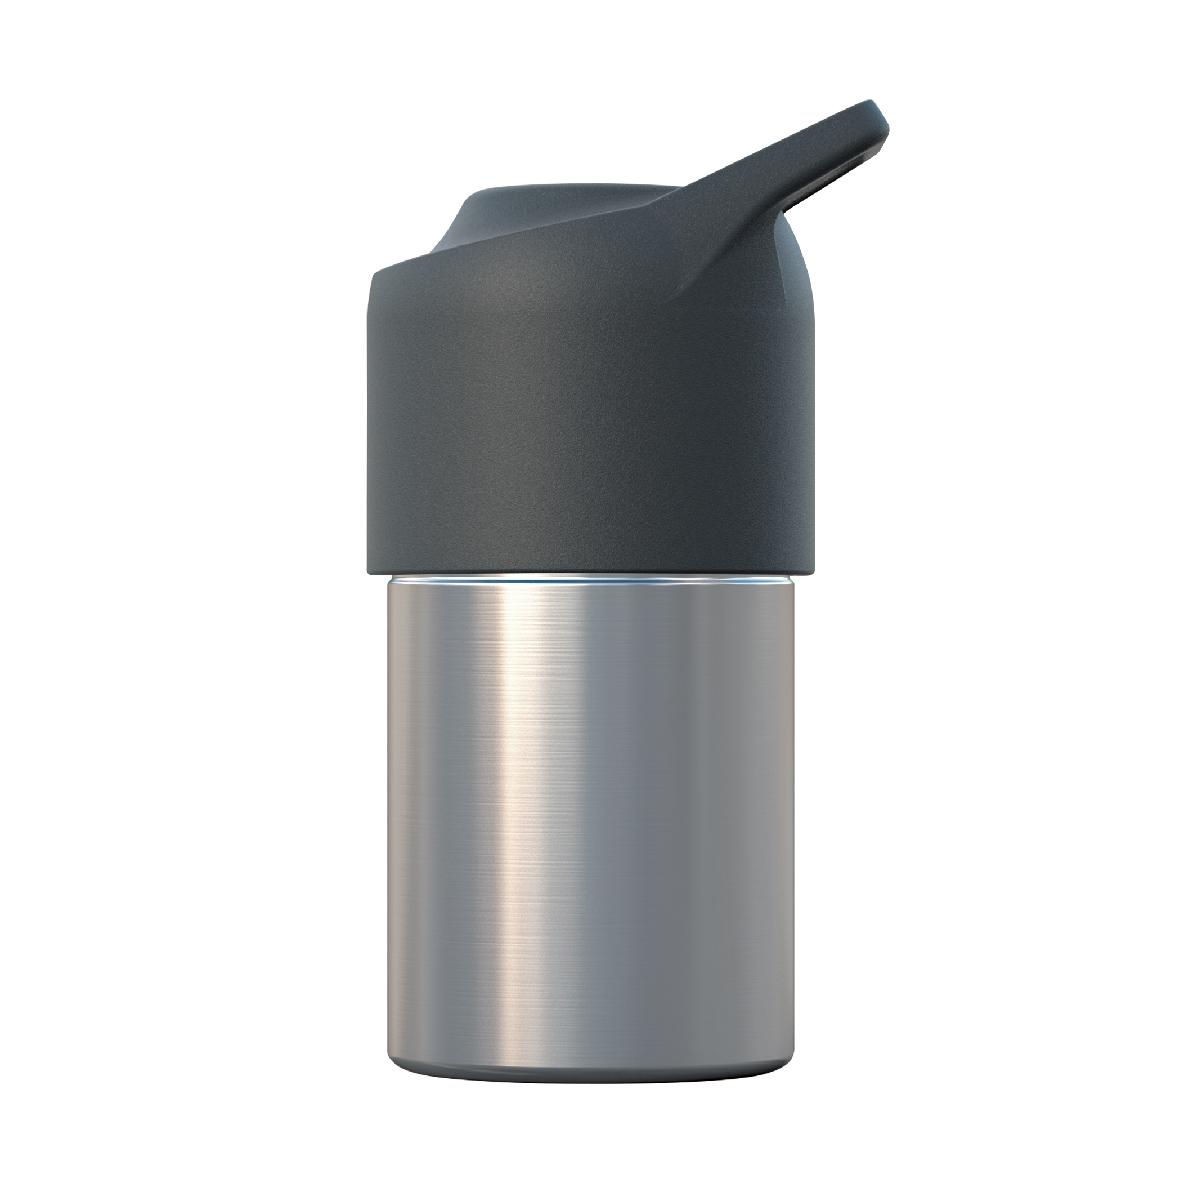 ボトルインボトル TYPE-C シルバー